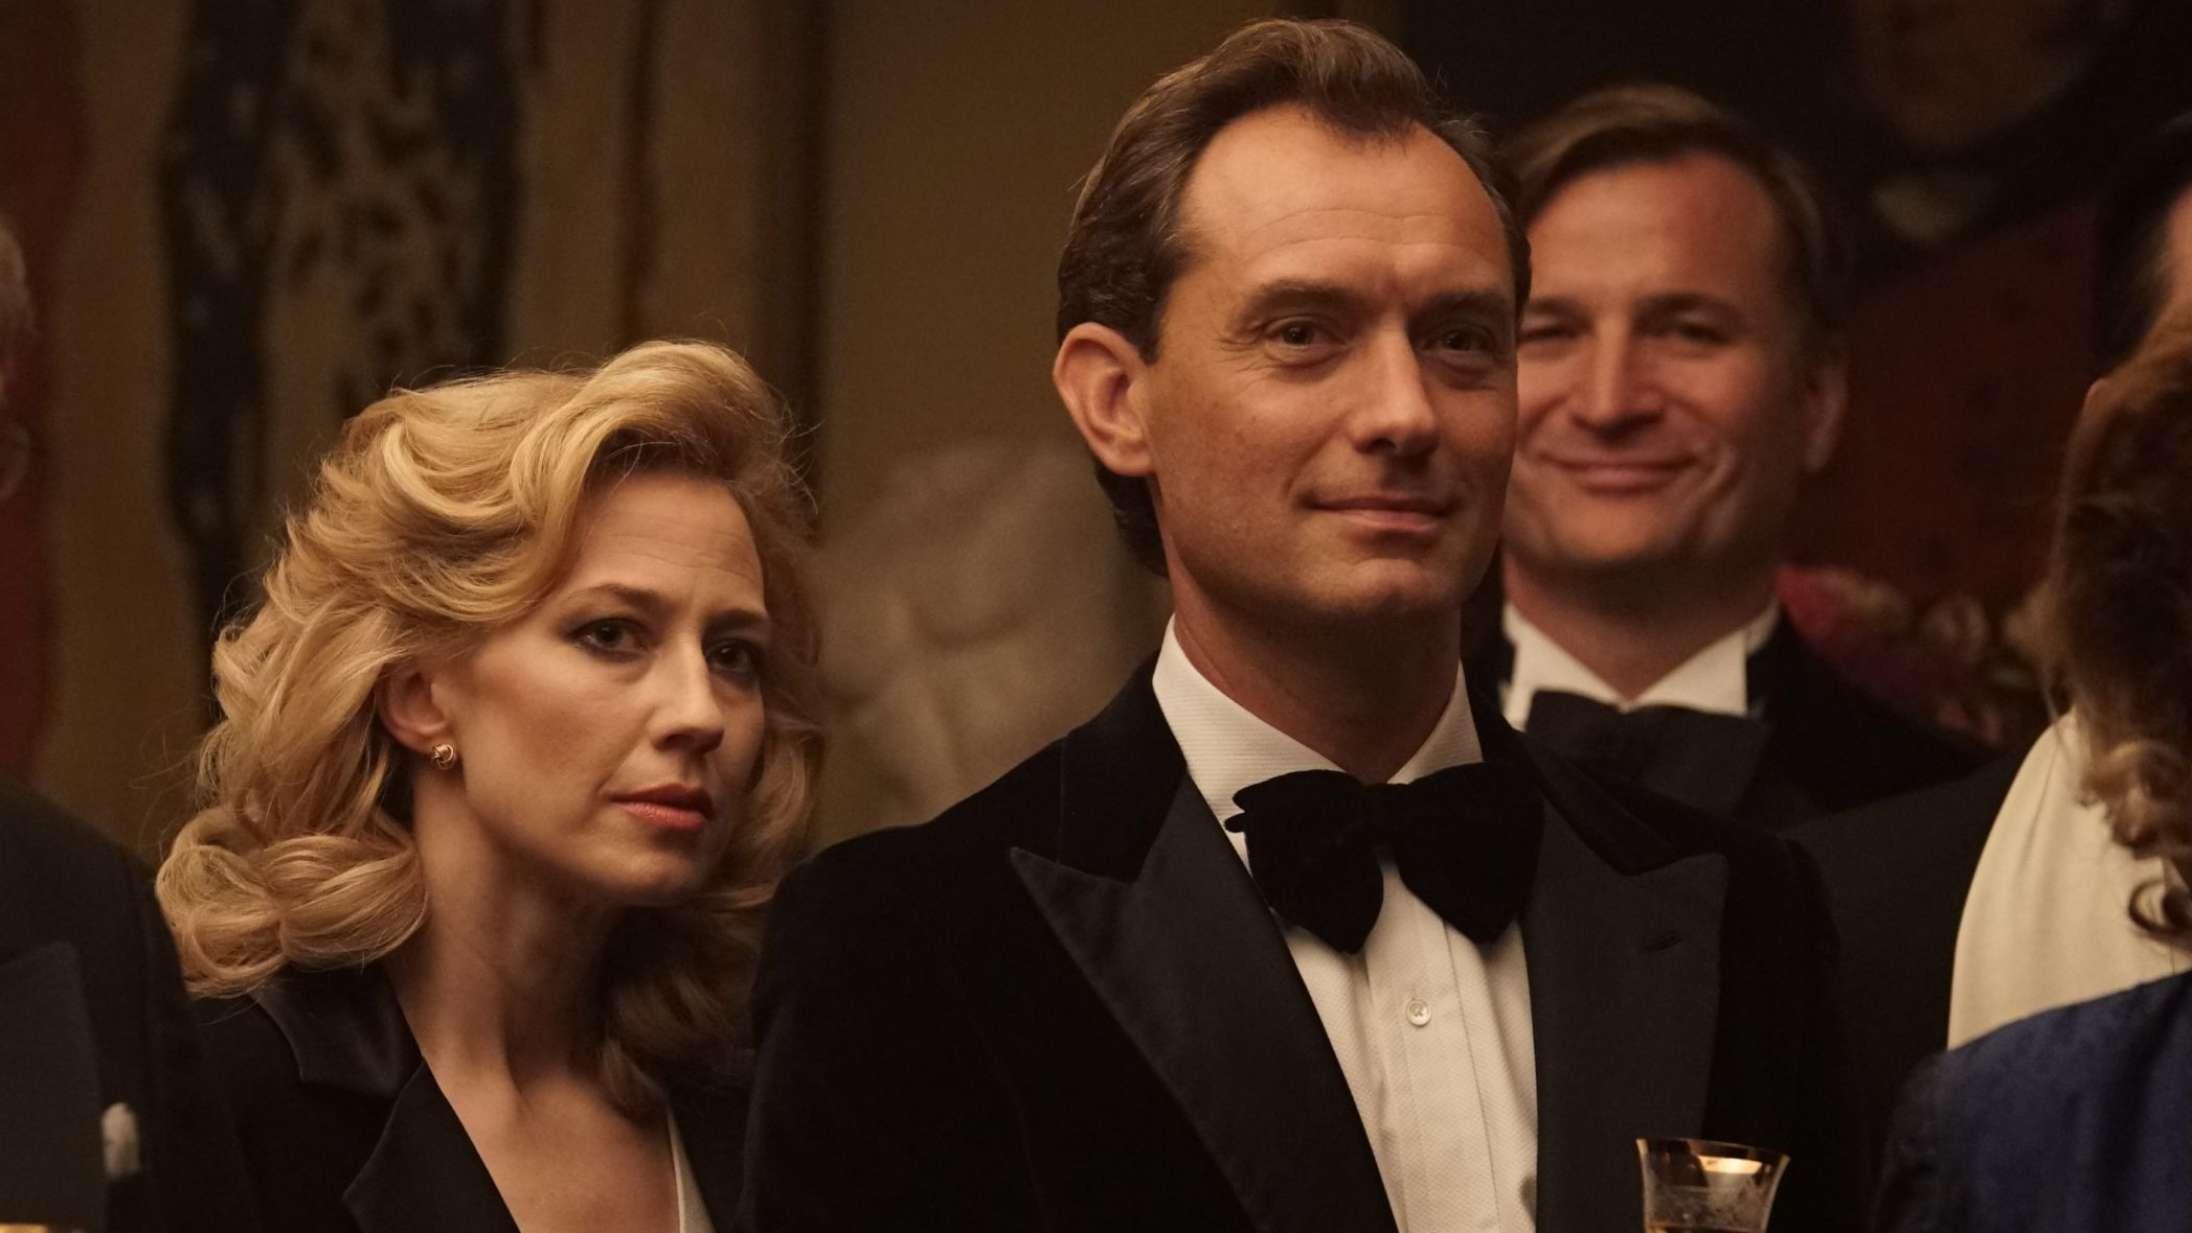 'Life of Deception' ('The Nest'): Jude Law og Carrie Coon blænder i enigmatisk parforholdsthriller